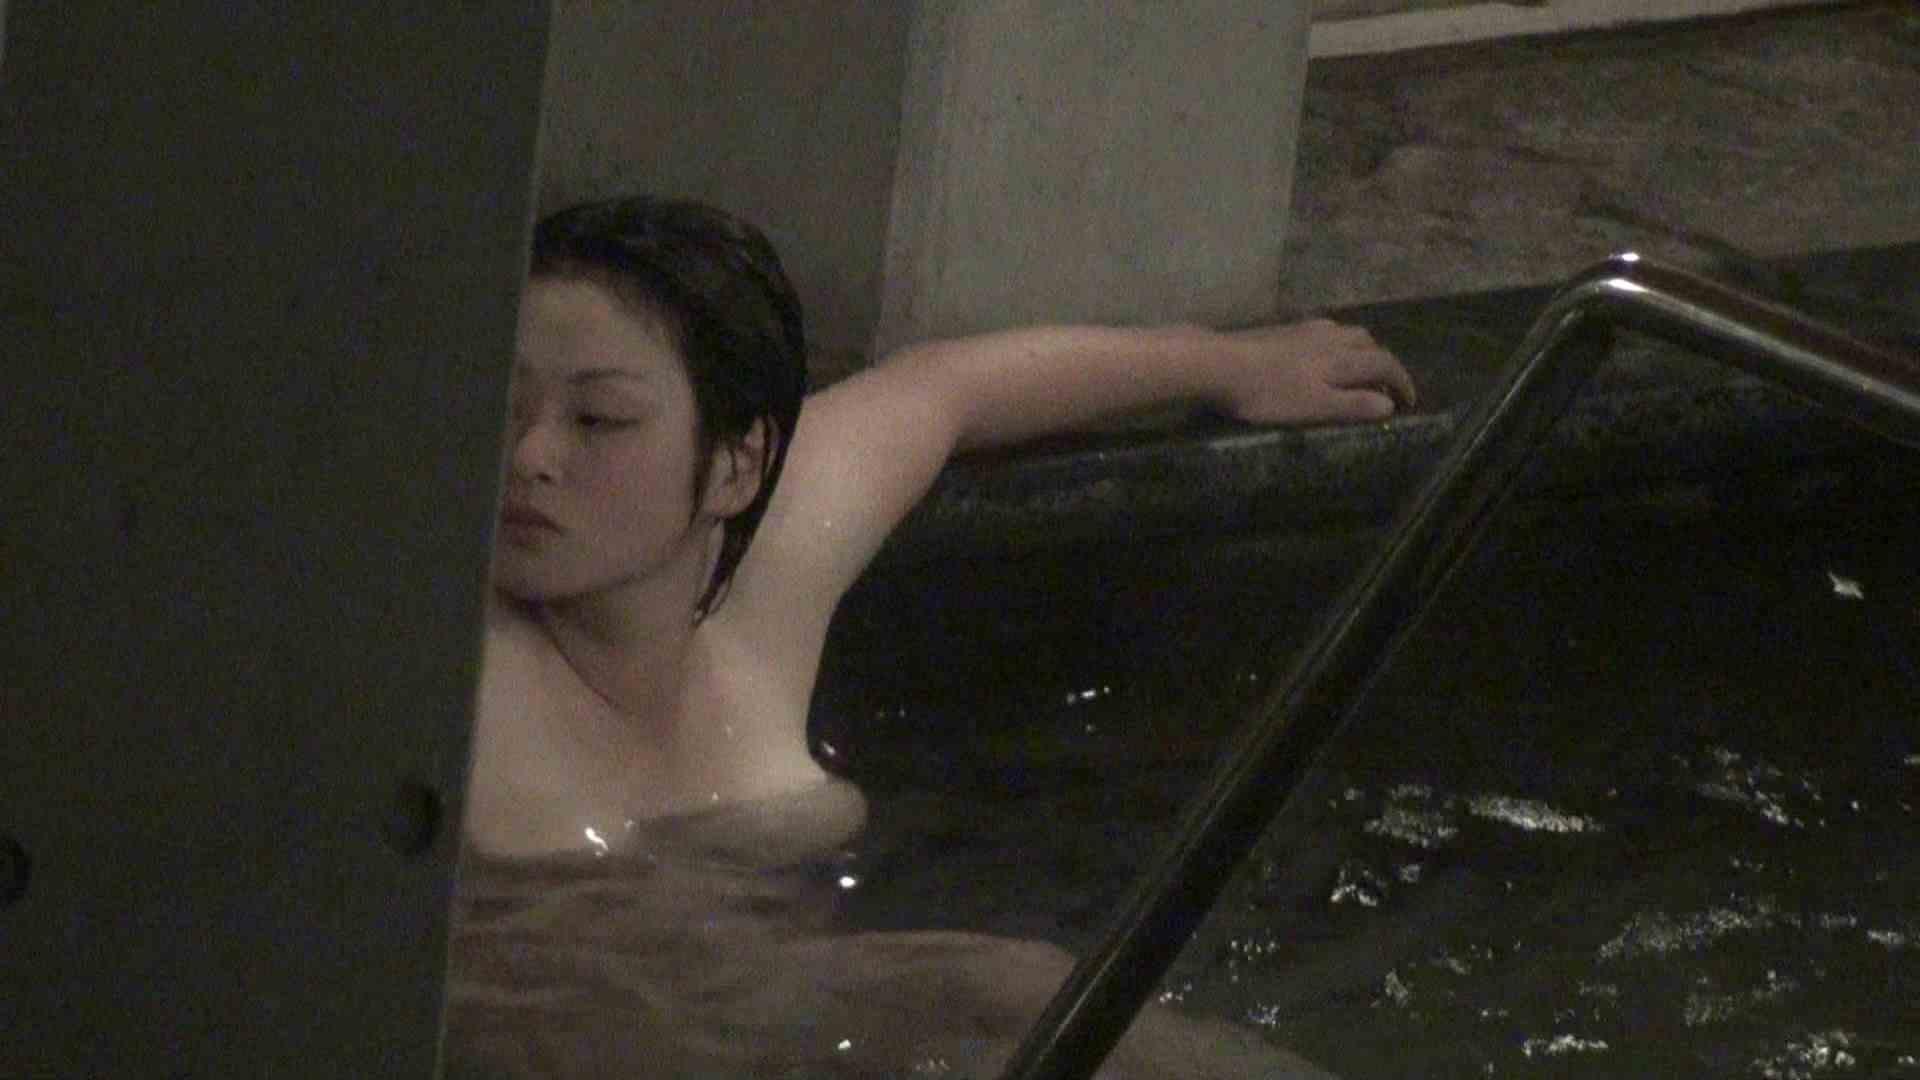 Aquaな露天風呂Vol.338 HなOL おめこ無修正動画無料 101pic 57